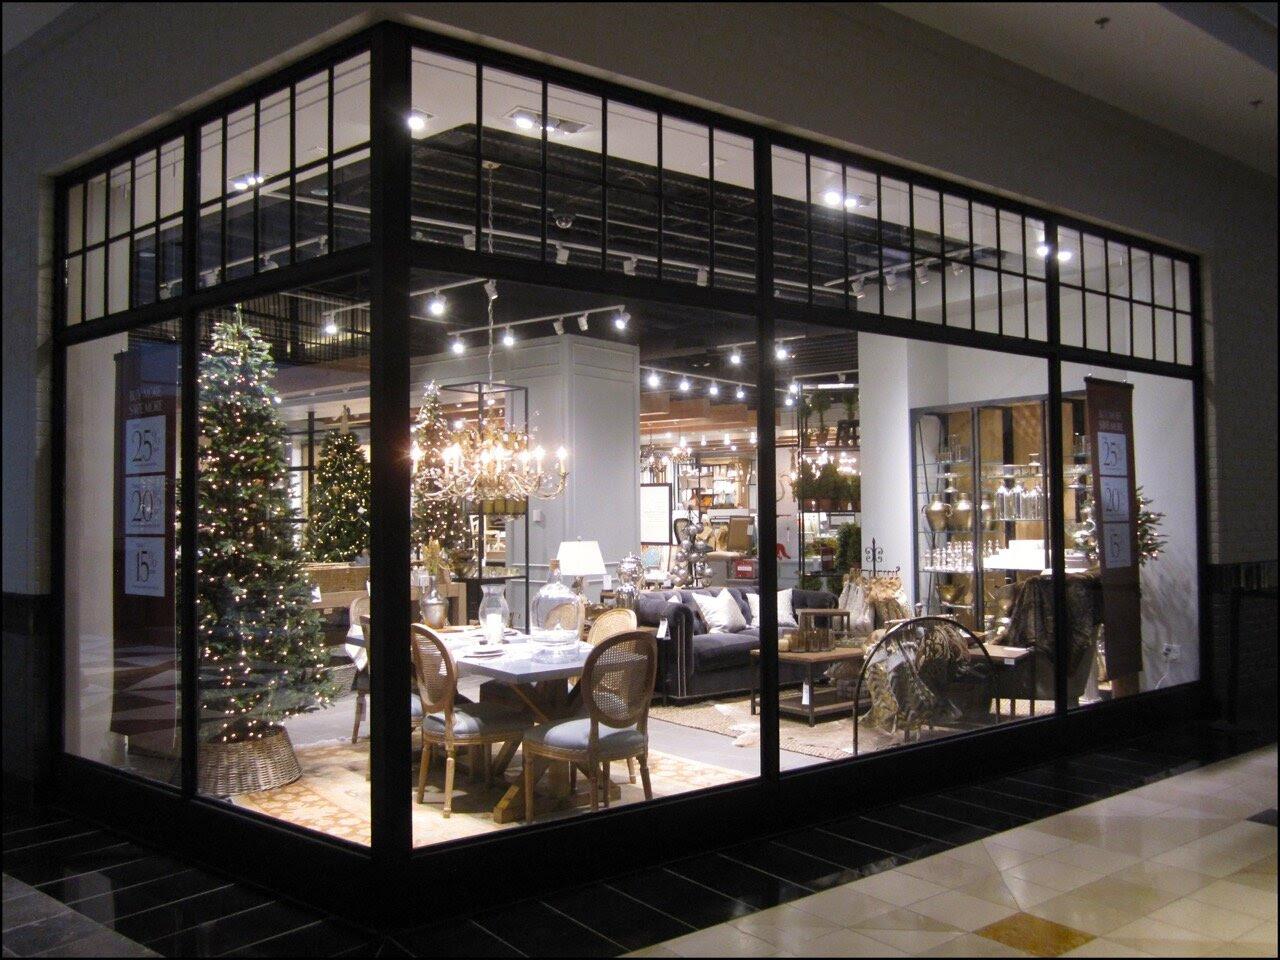 Ballard Designs King Of Prussia Pa Impact Storefront Designs